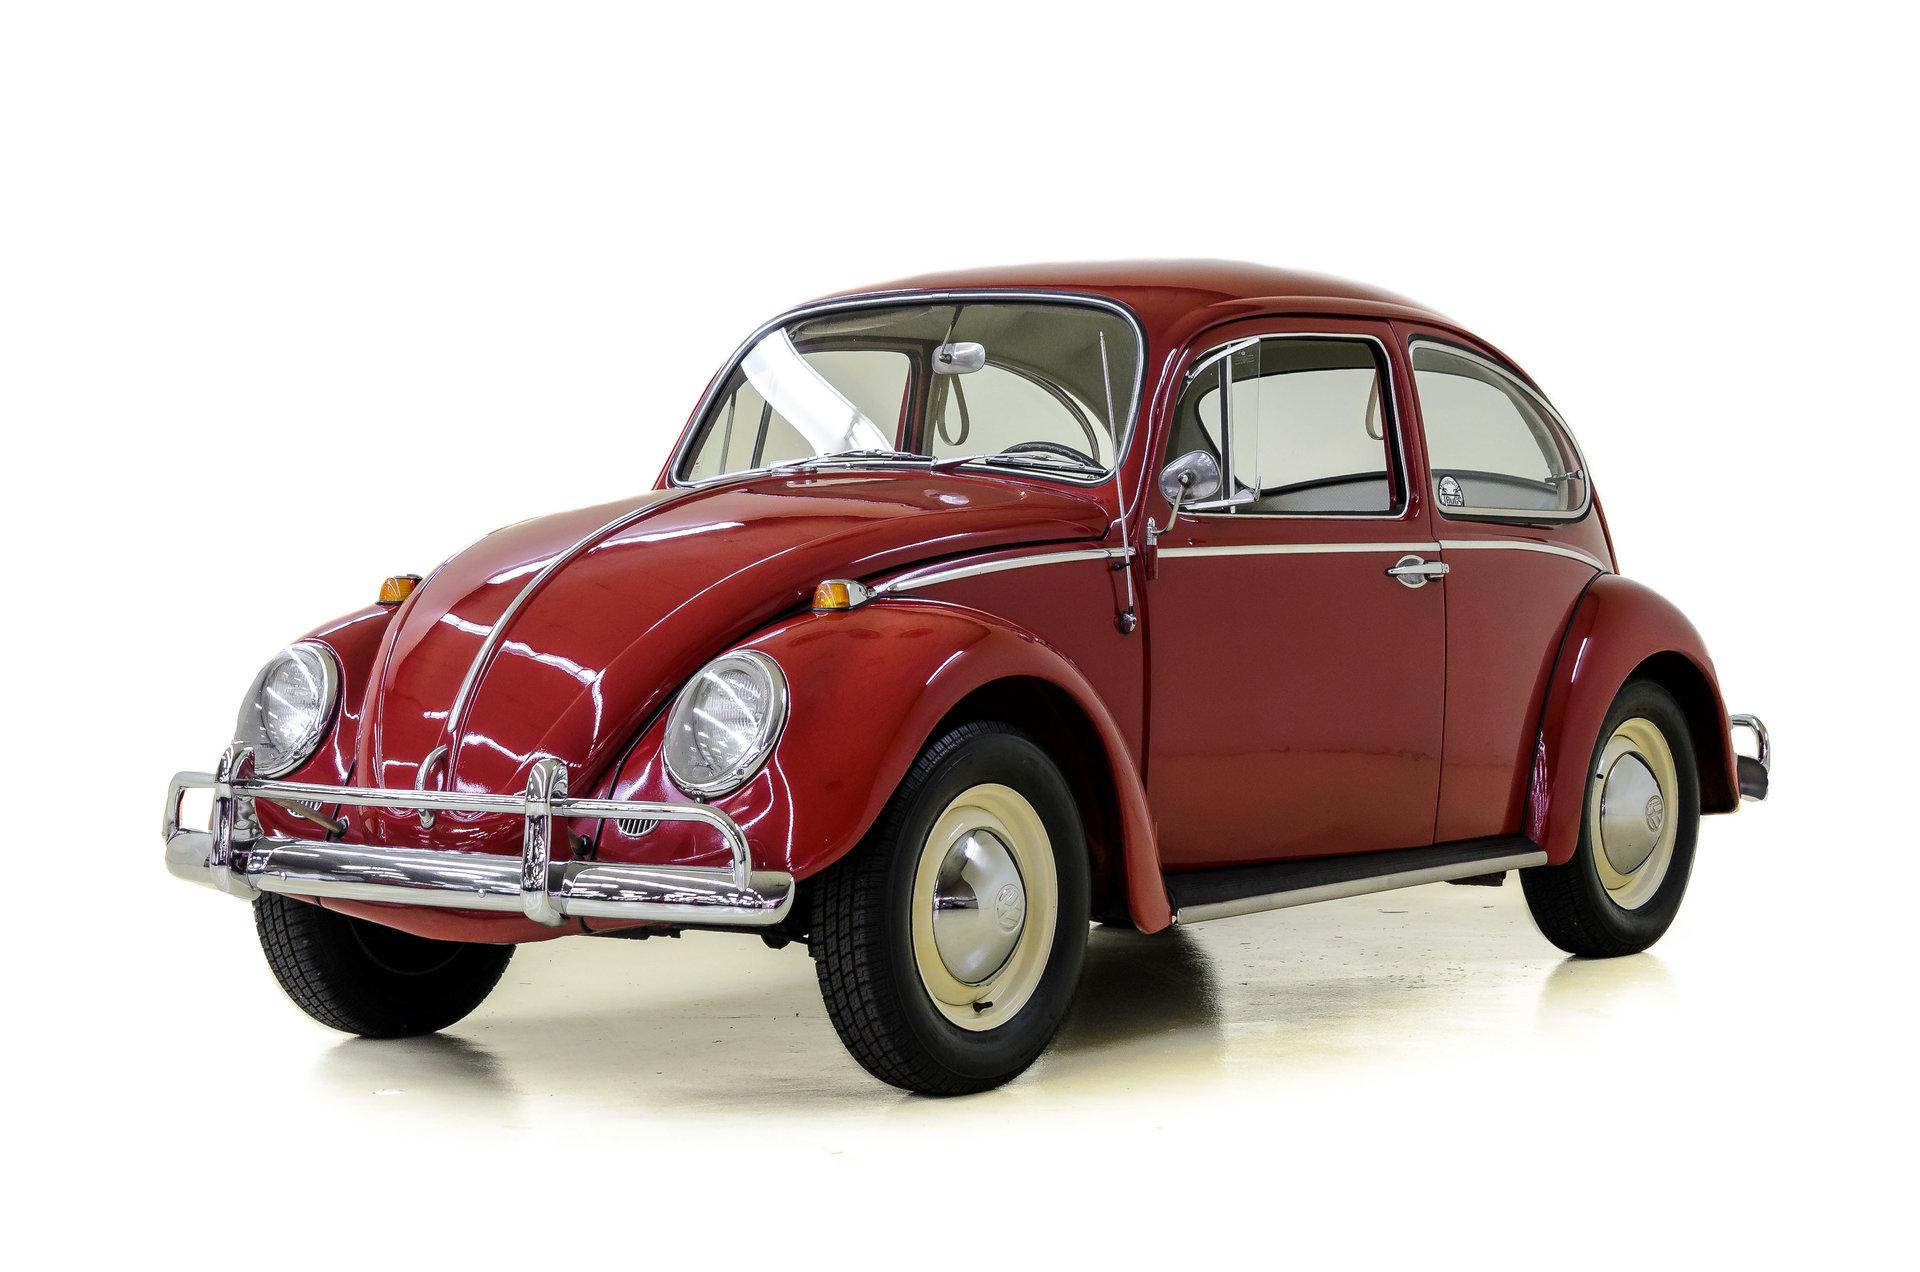 Volkswagen Concord Nc >> 1965 Volkswagen Beetle | Auto Barn Classic Cars